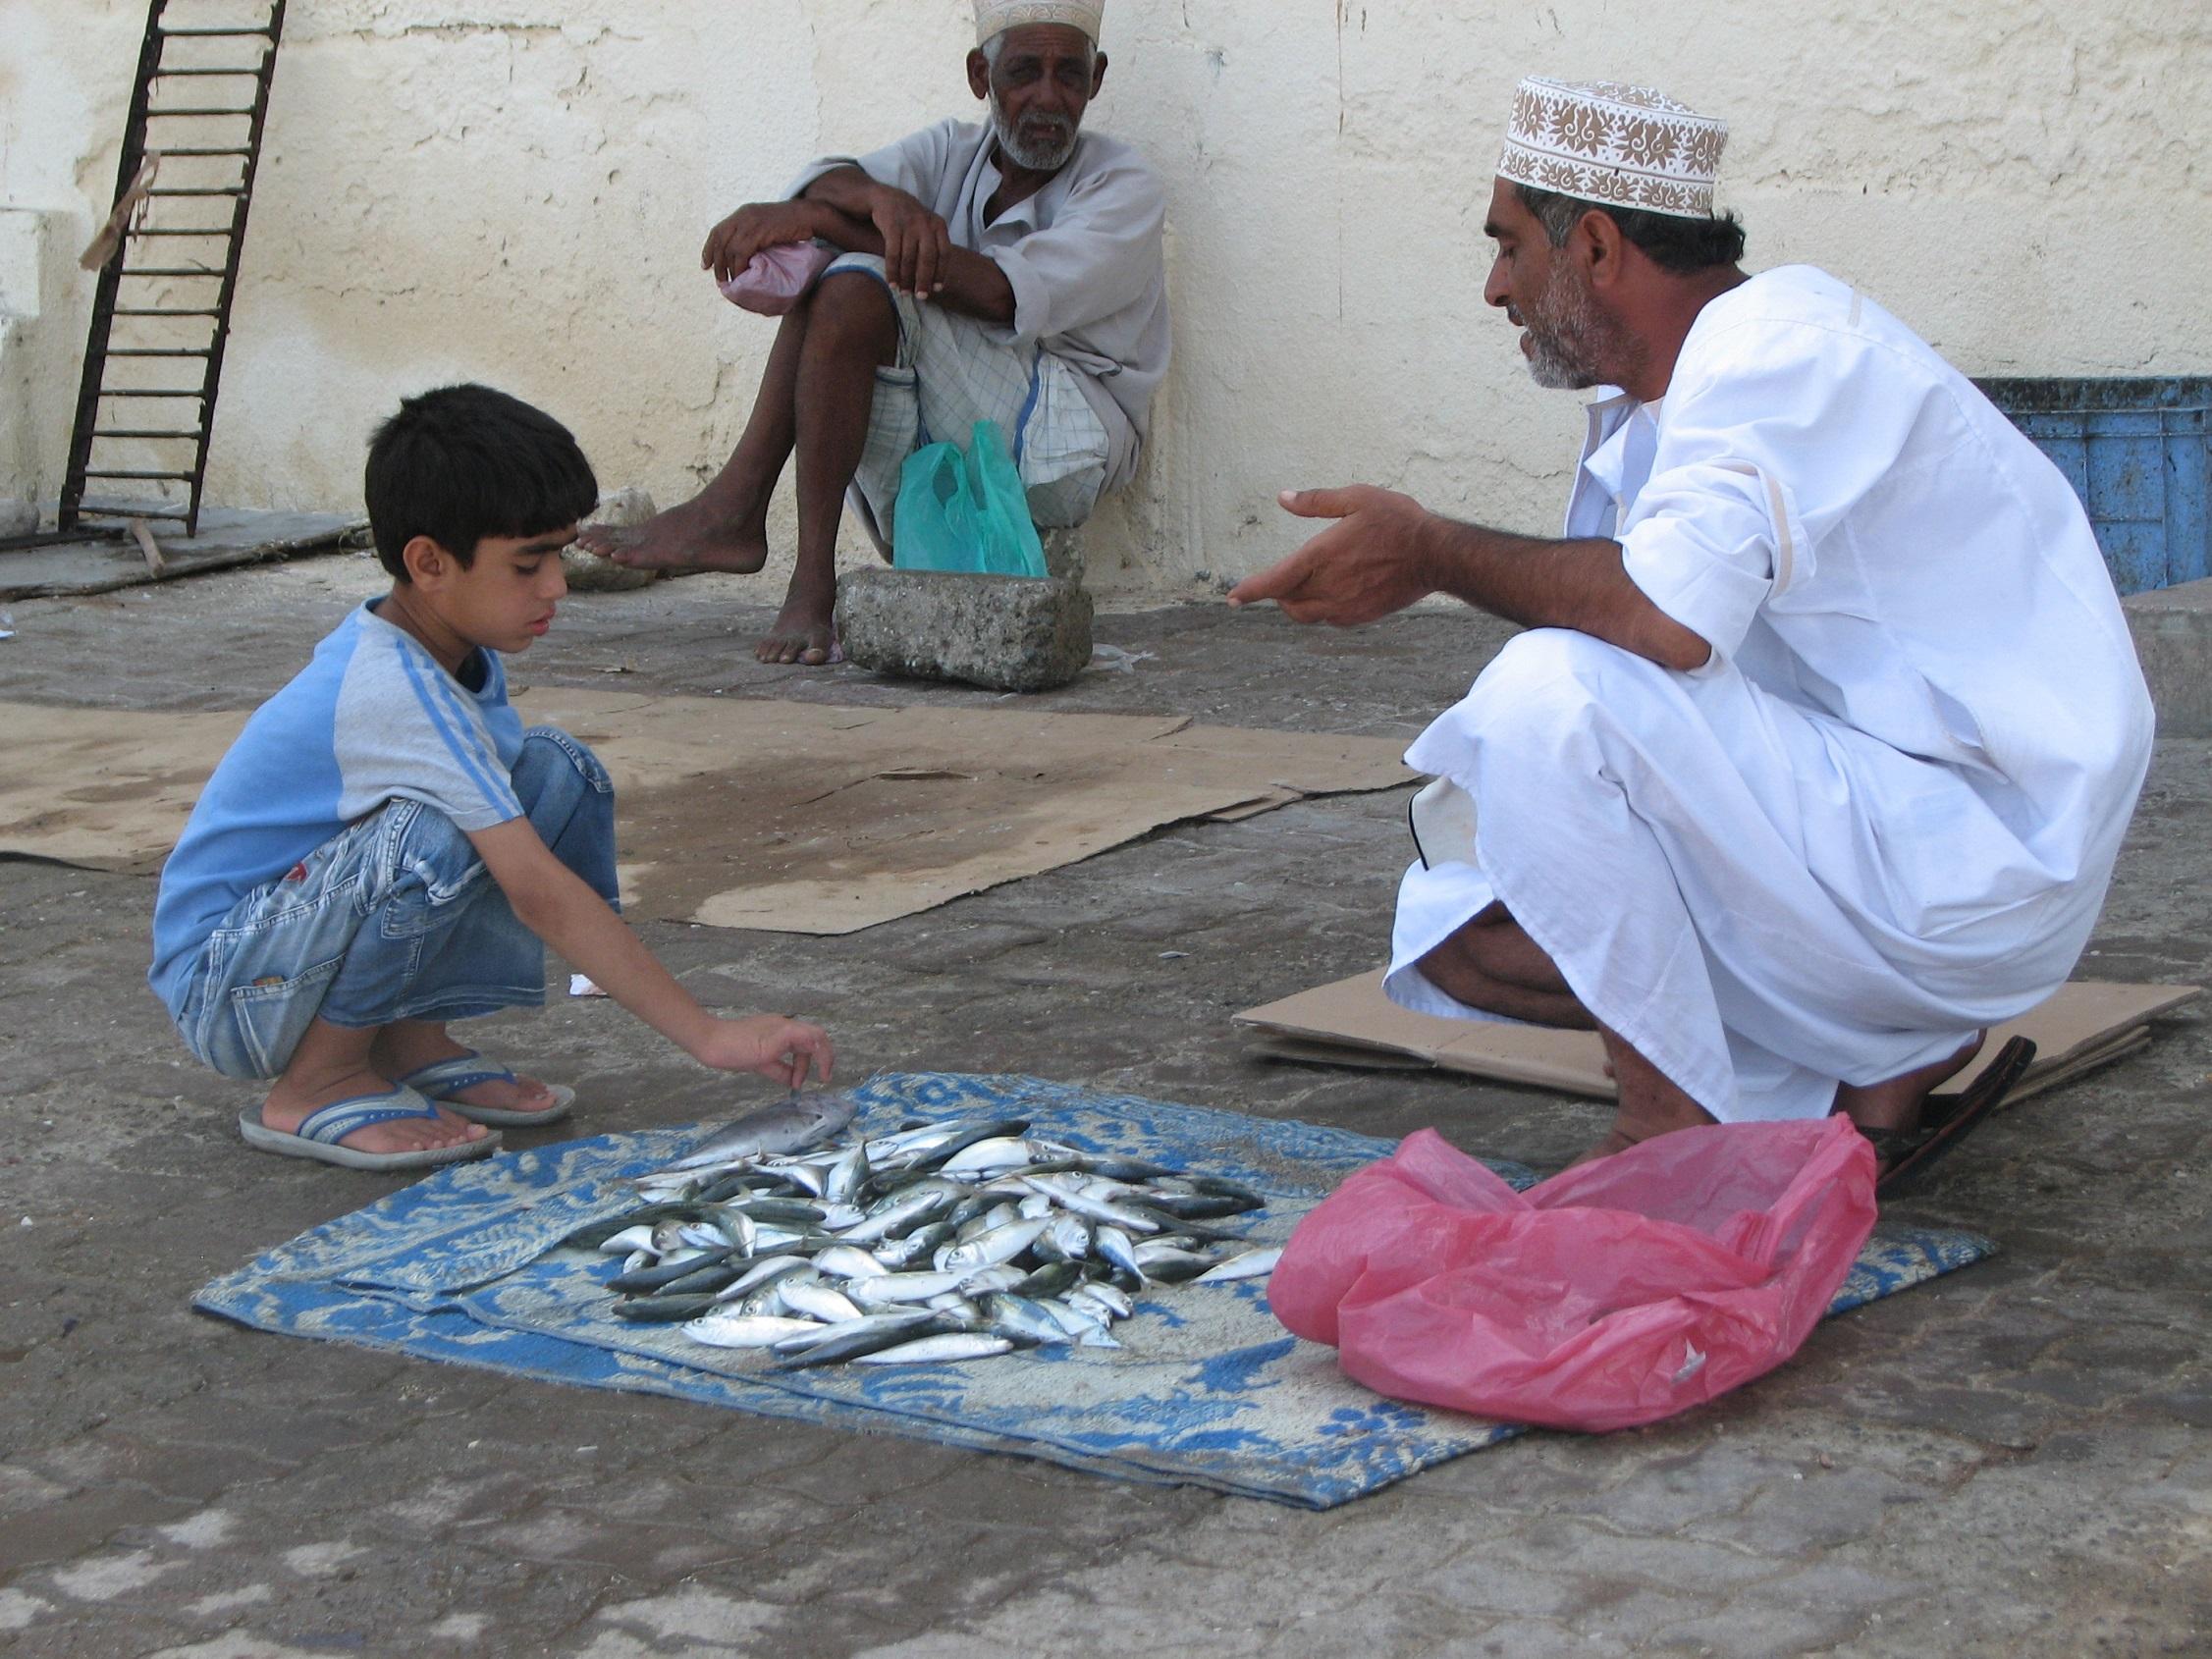 … a muži len diskutujú či obchodujú. Omán, fotografia Marcel Uhrin.